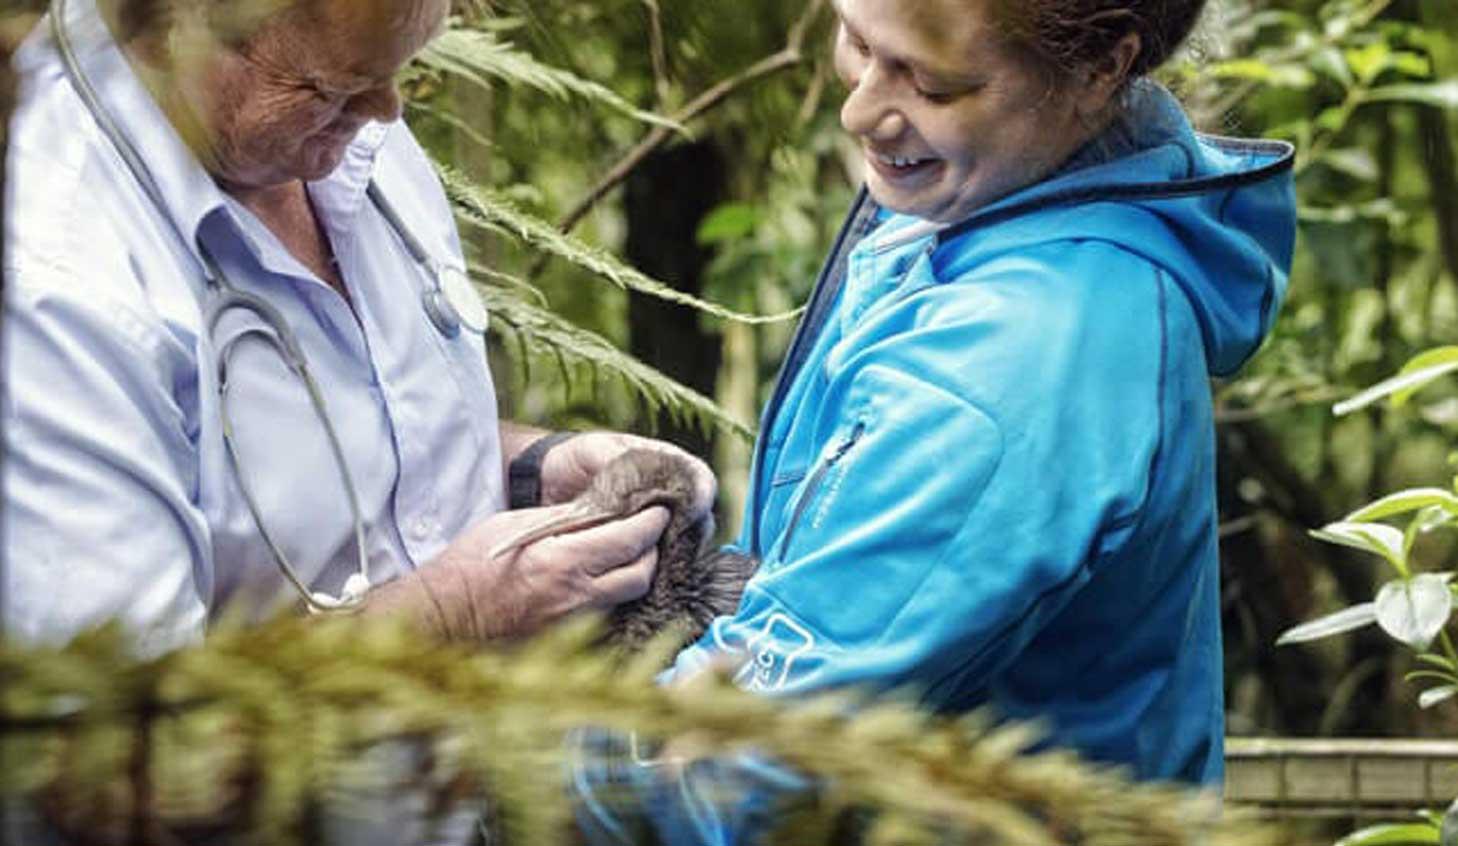 Hatching a plan to save kiwi